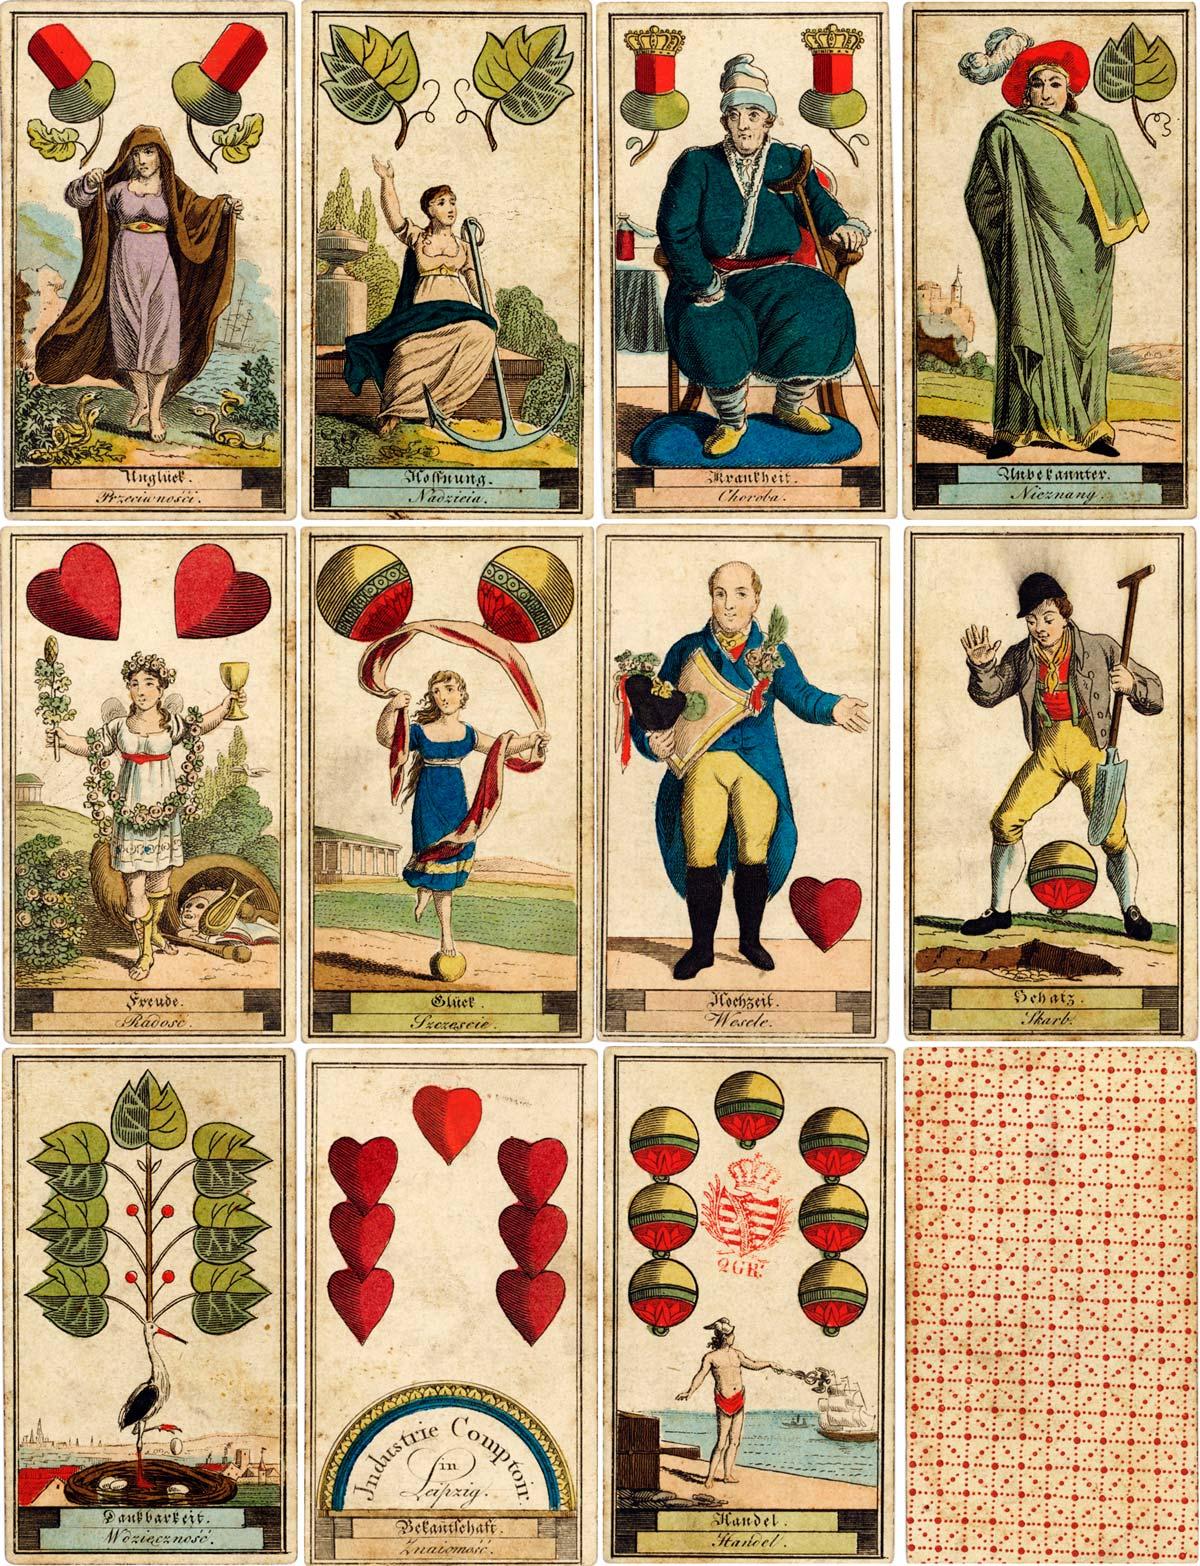 Fortune Telling Deck by Industrie Comptoir, Leipzig c.1818